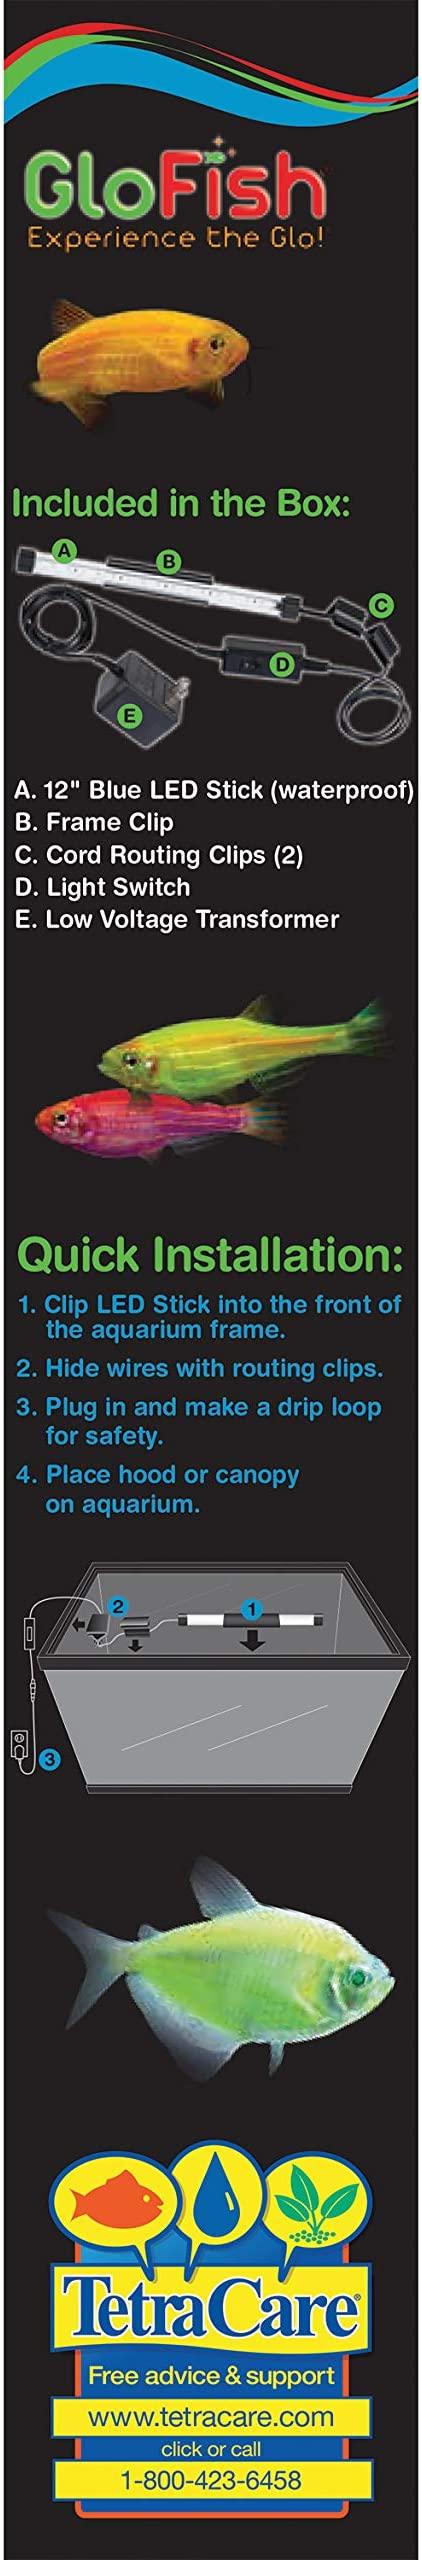 GloFish 29284 product image 5